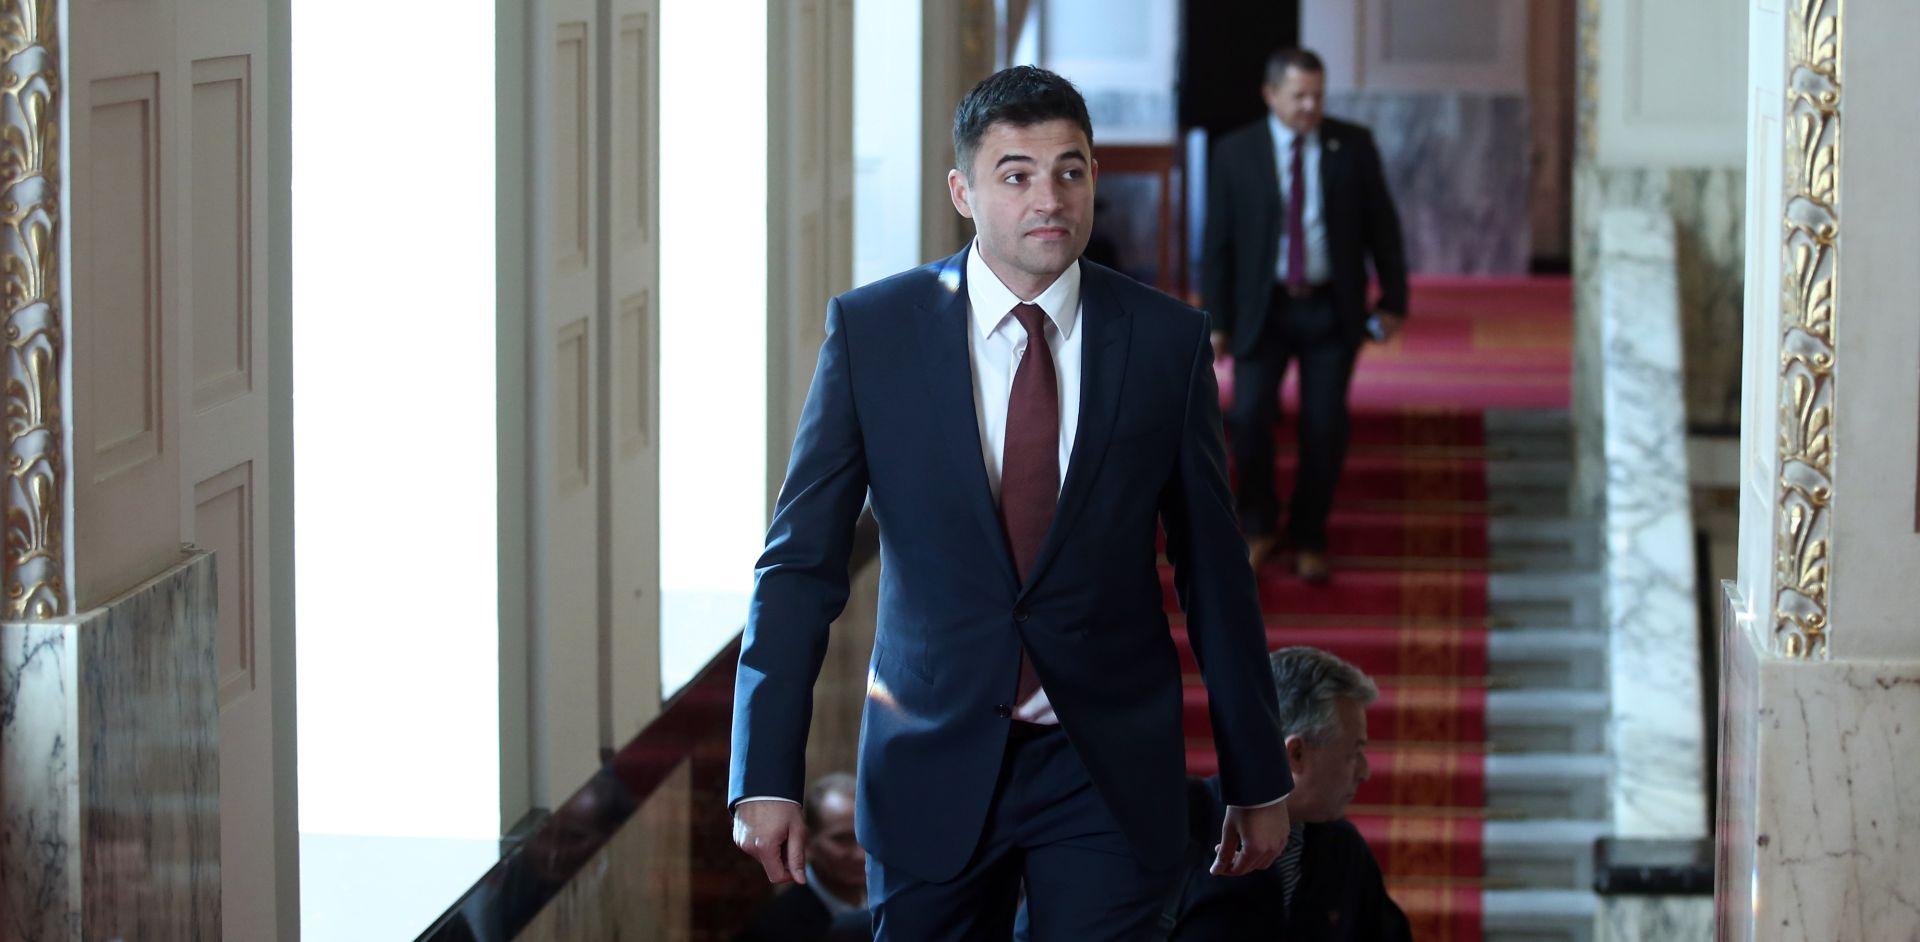 """BERNARDIĆ """"Nećemo opstruirati rad Sabora na konstituirajućoj sjednici"""""""